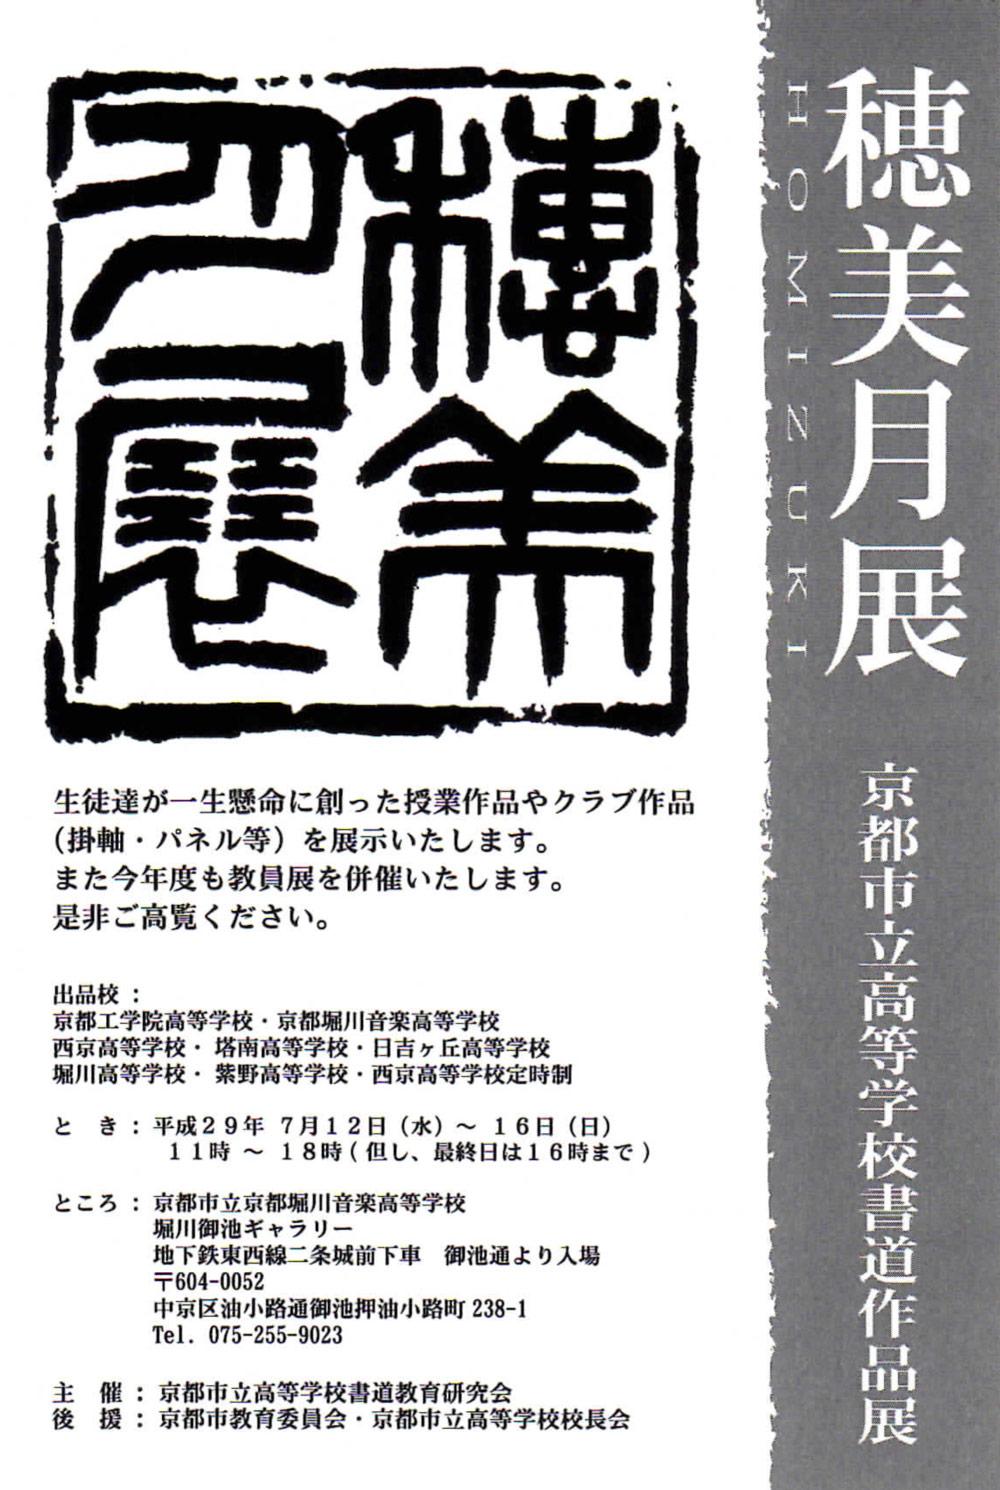 穂美月展 京都市立高等学校書道作品展のチラシ画像